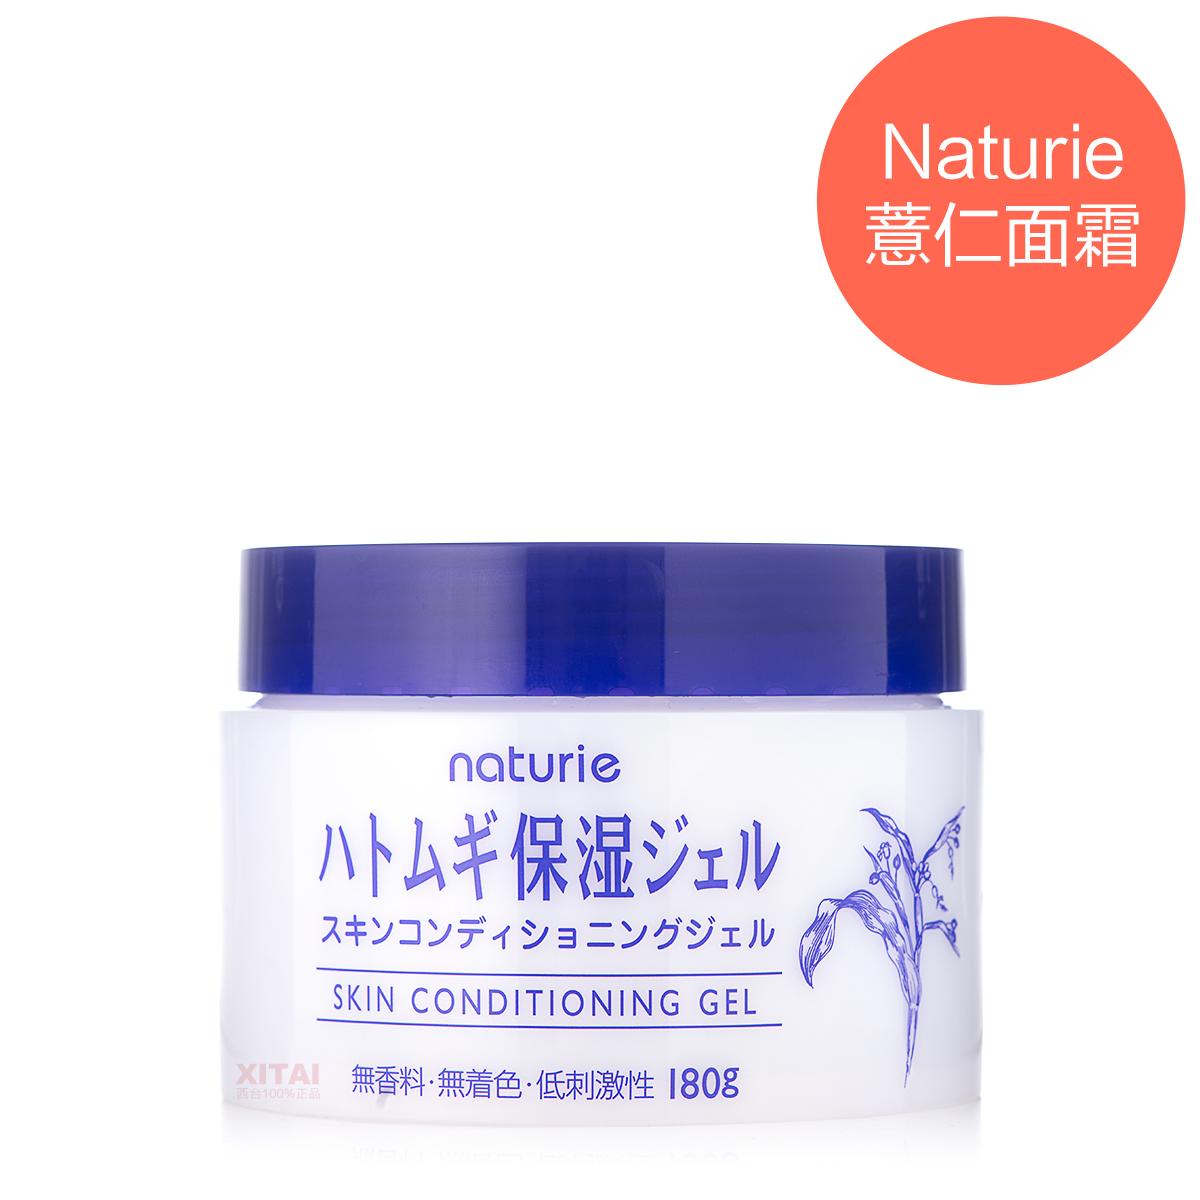 日本naturie娥佩兰薏仁水面霜  美白保湿补水修复缓解干燥�ㄠ�